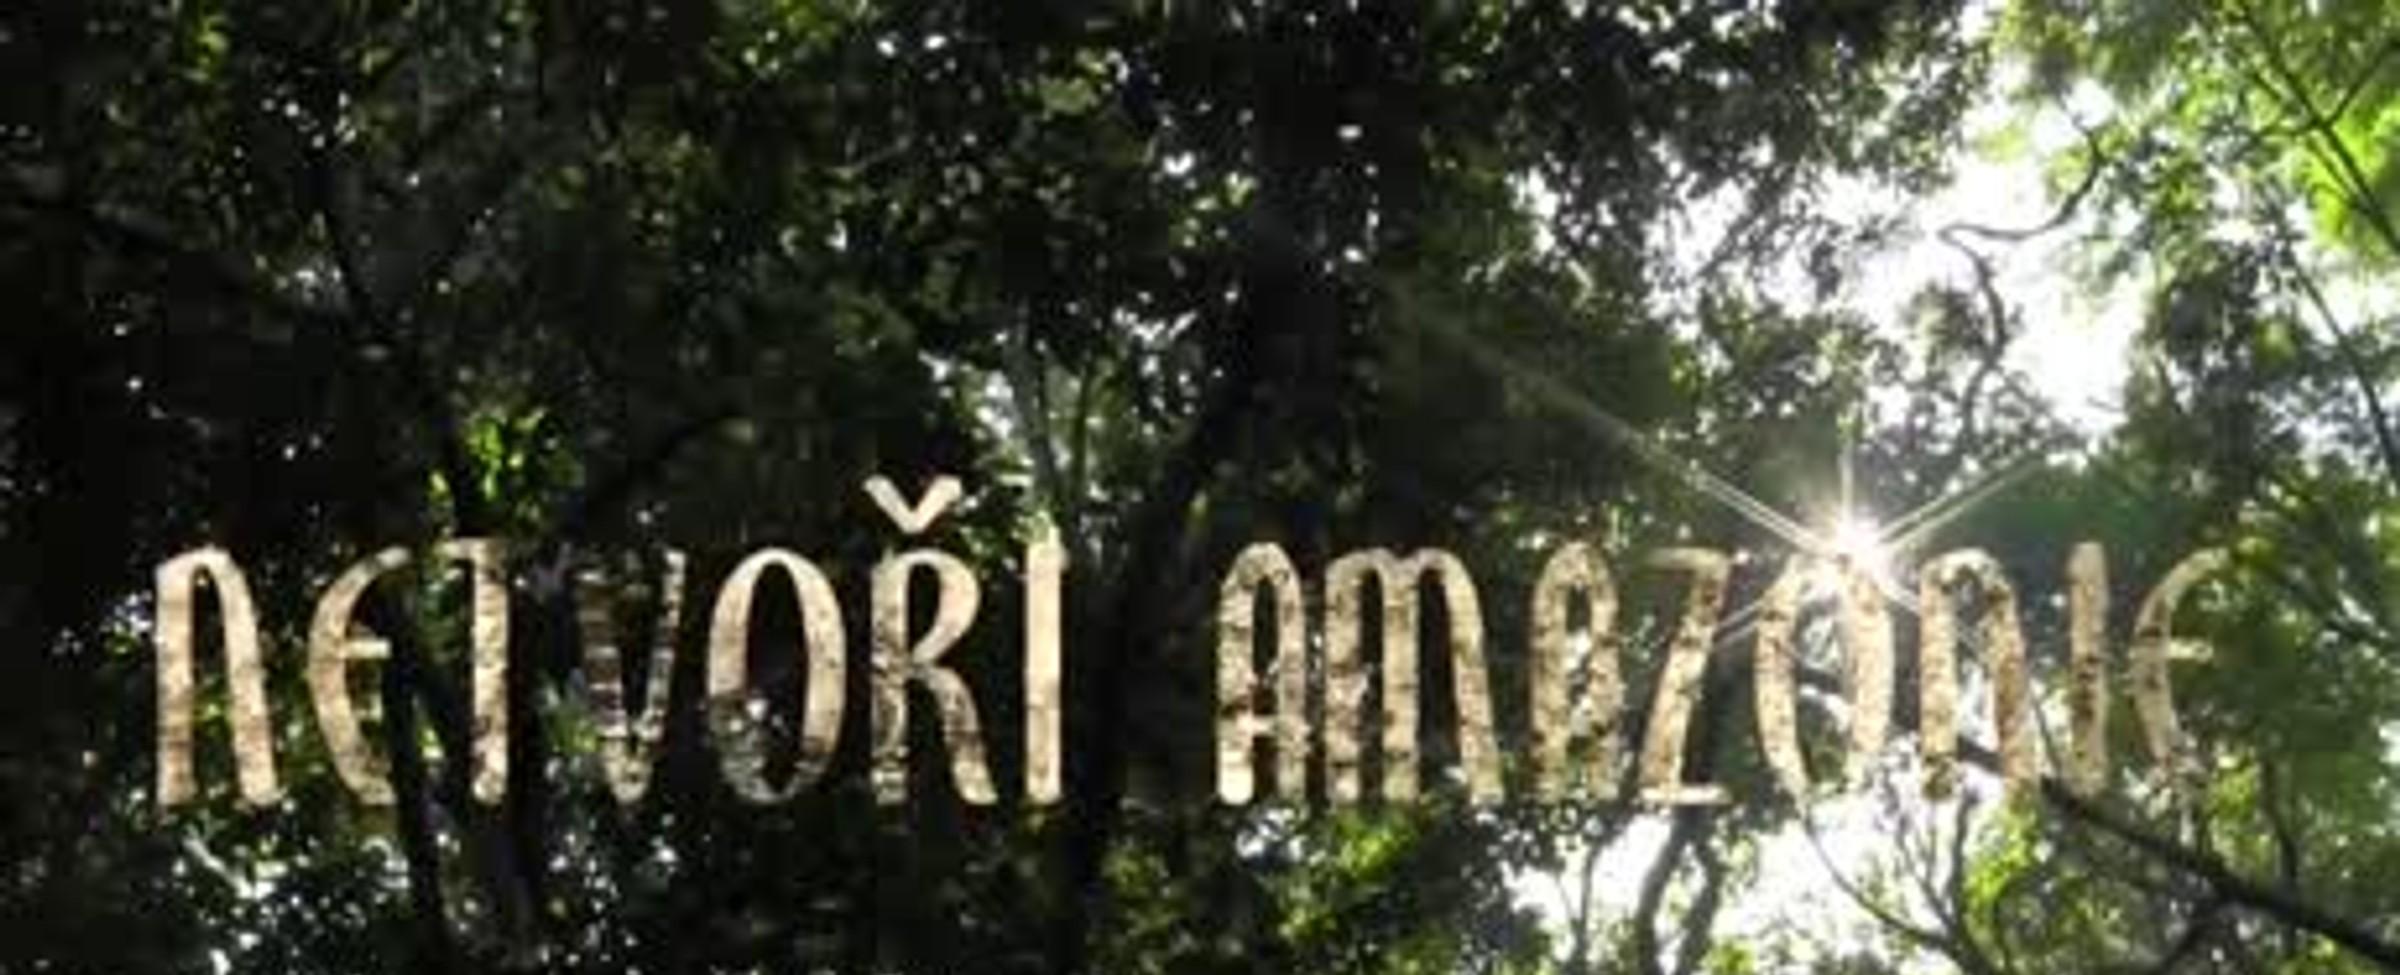 Netvoři Amazonie